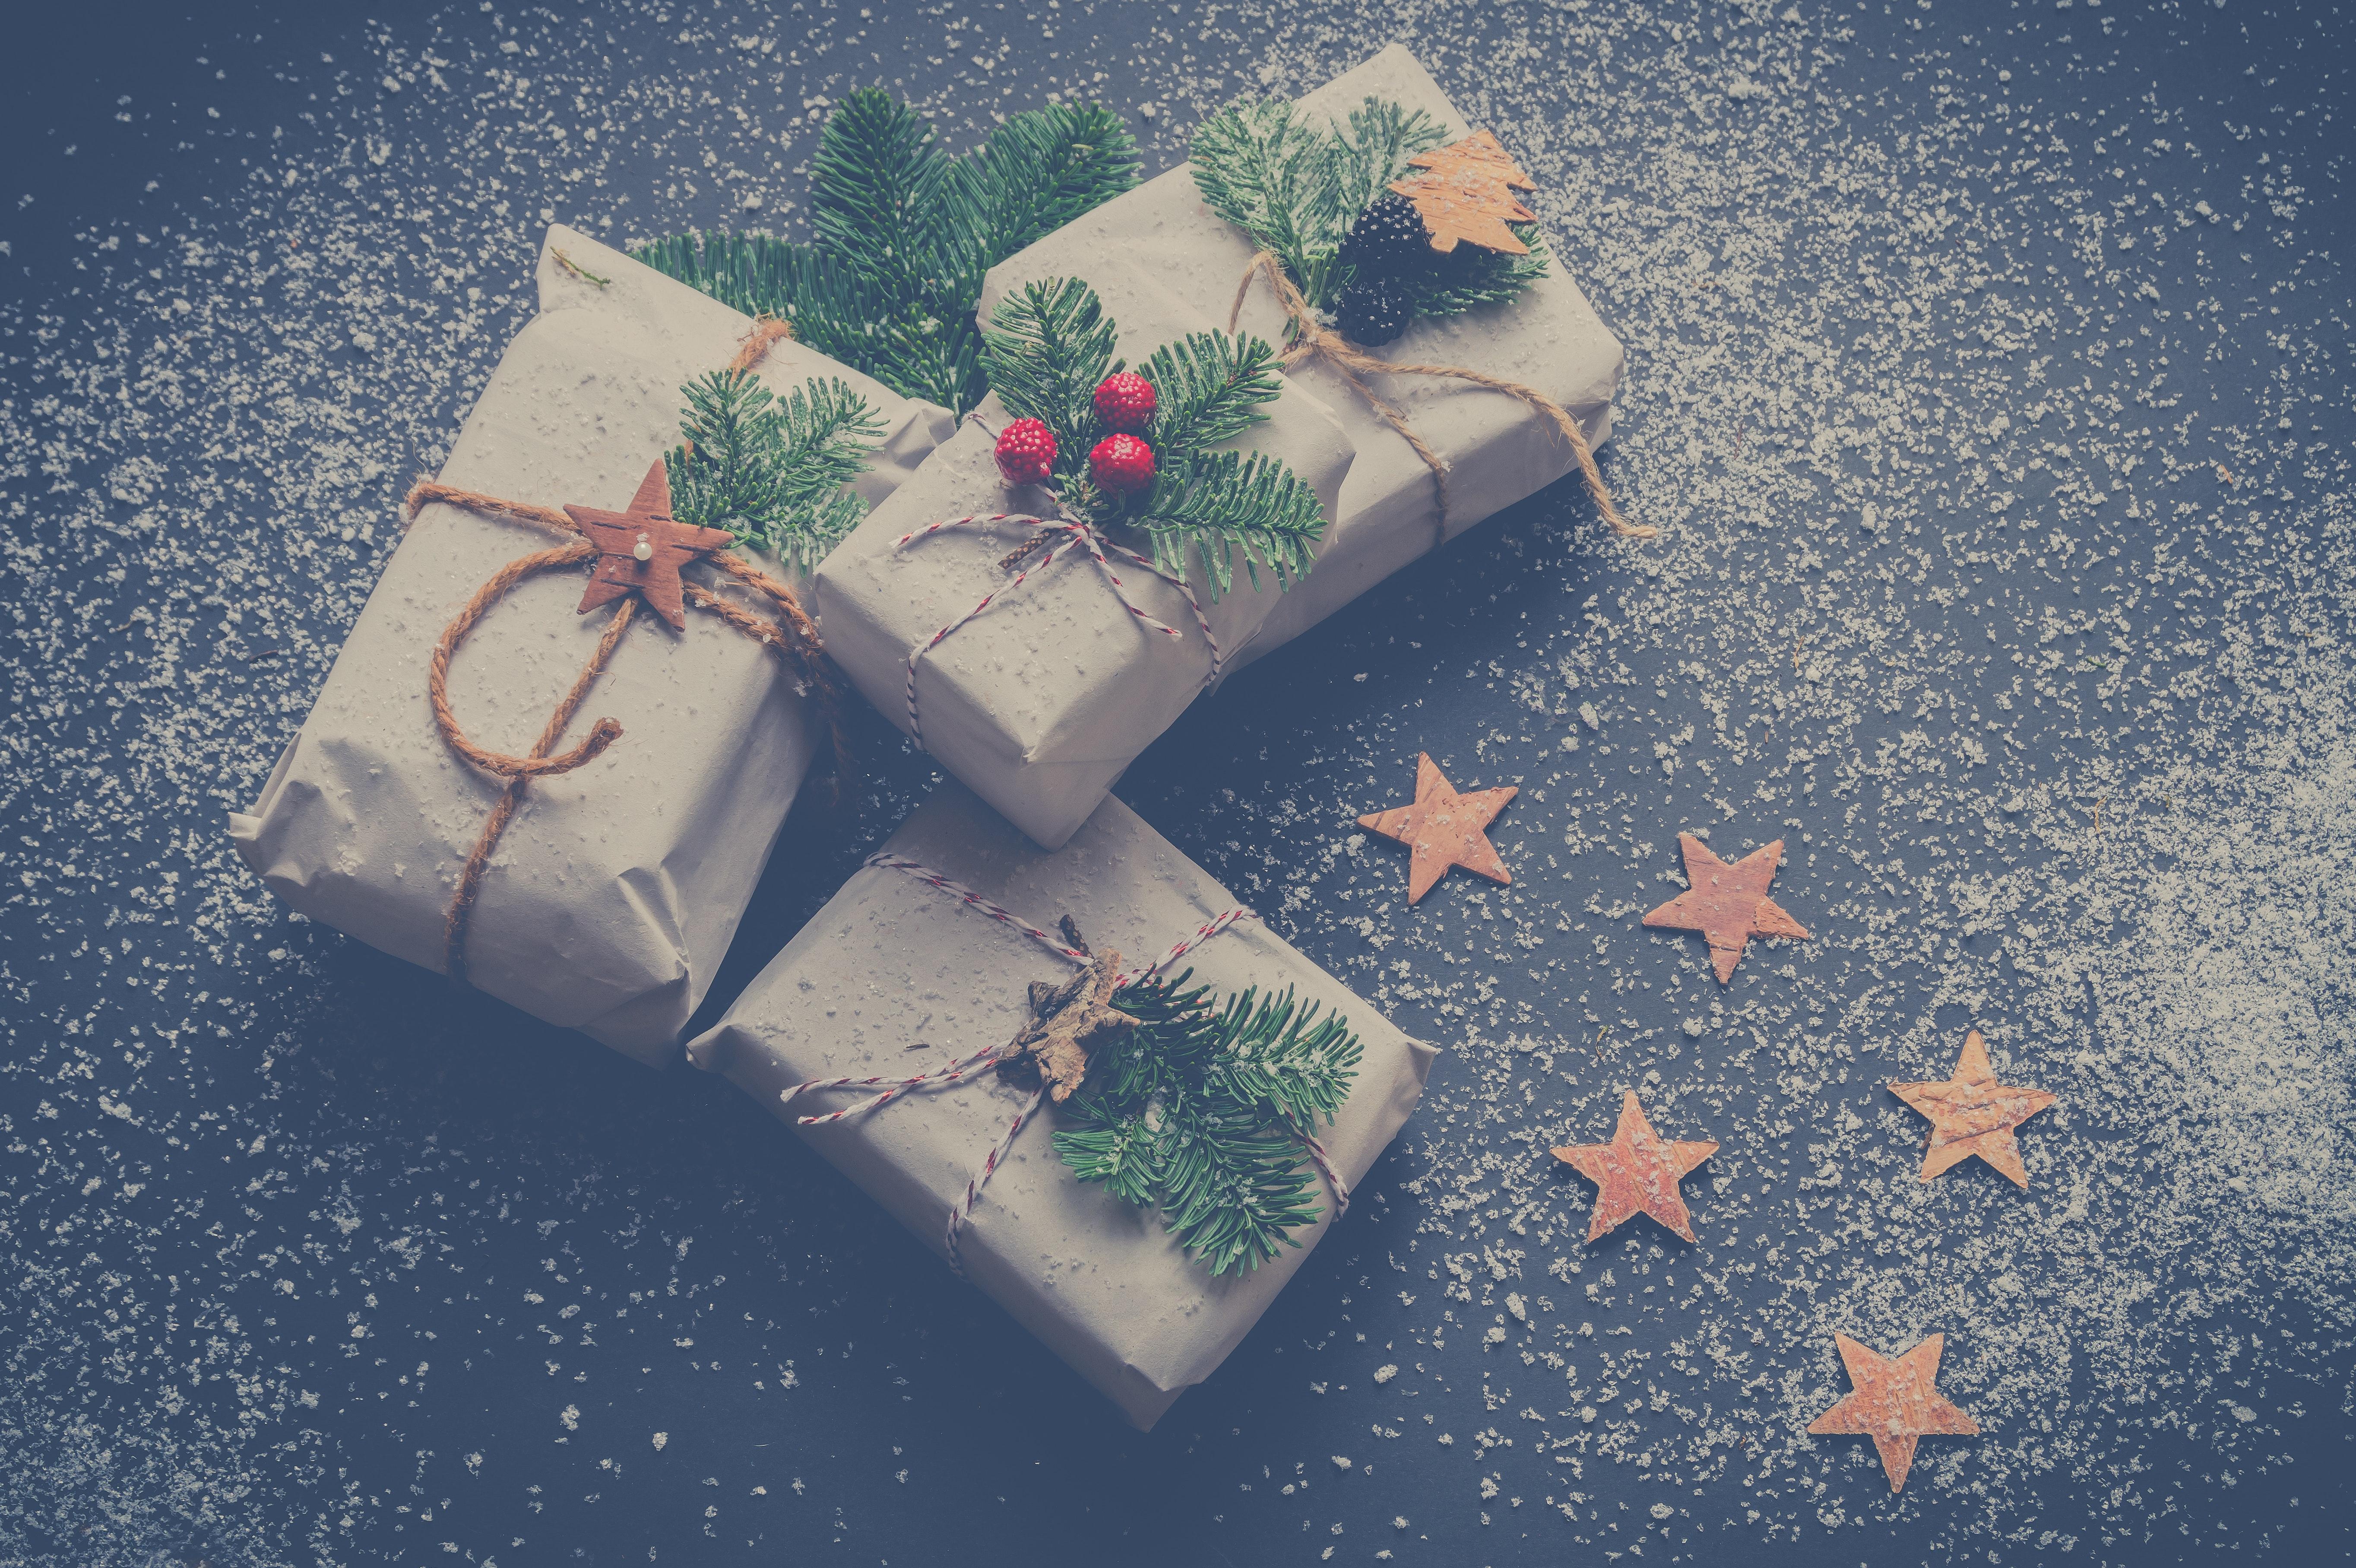 Weihnachtsgeschenke Bilder Kostenlos.Kostenlose Foto Kisten Weihnachten Weihnachtsgeschenke